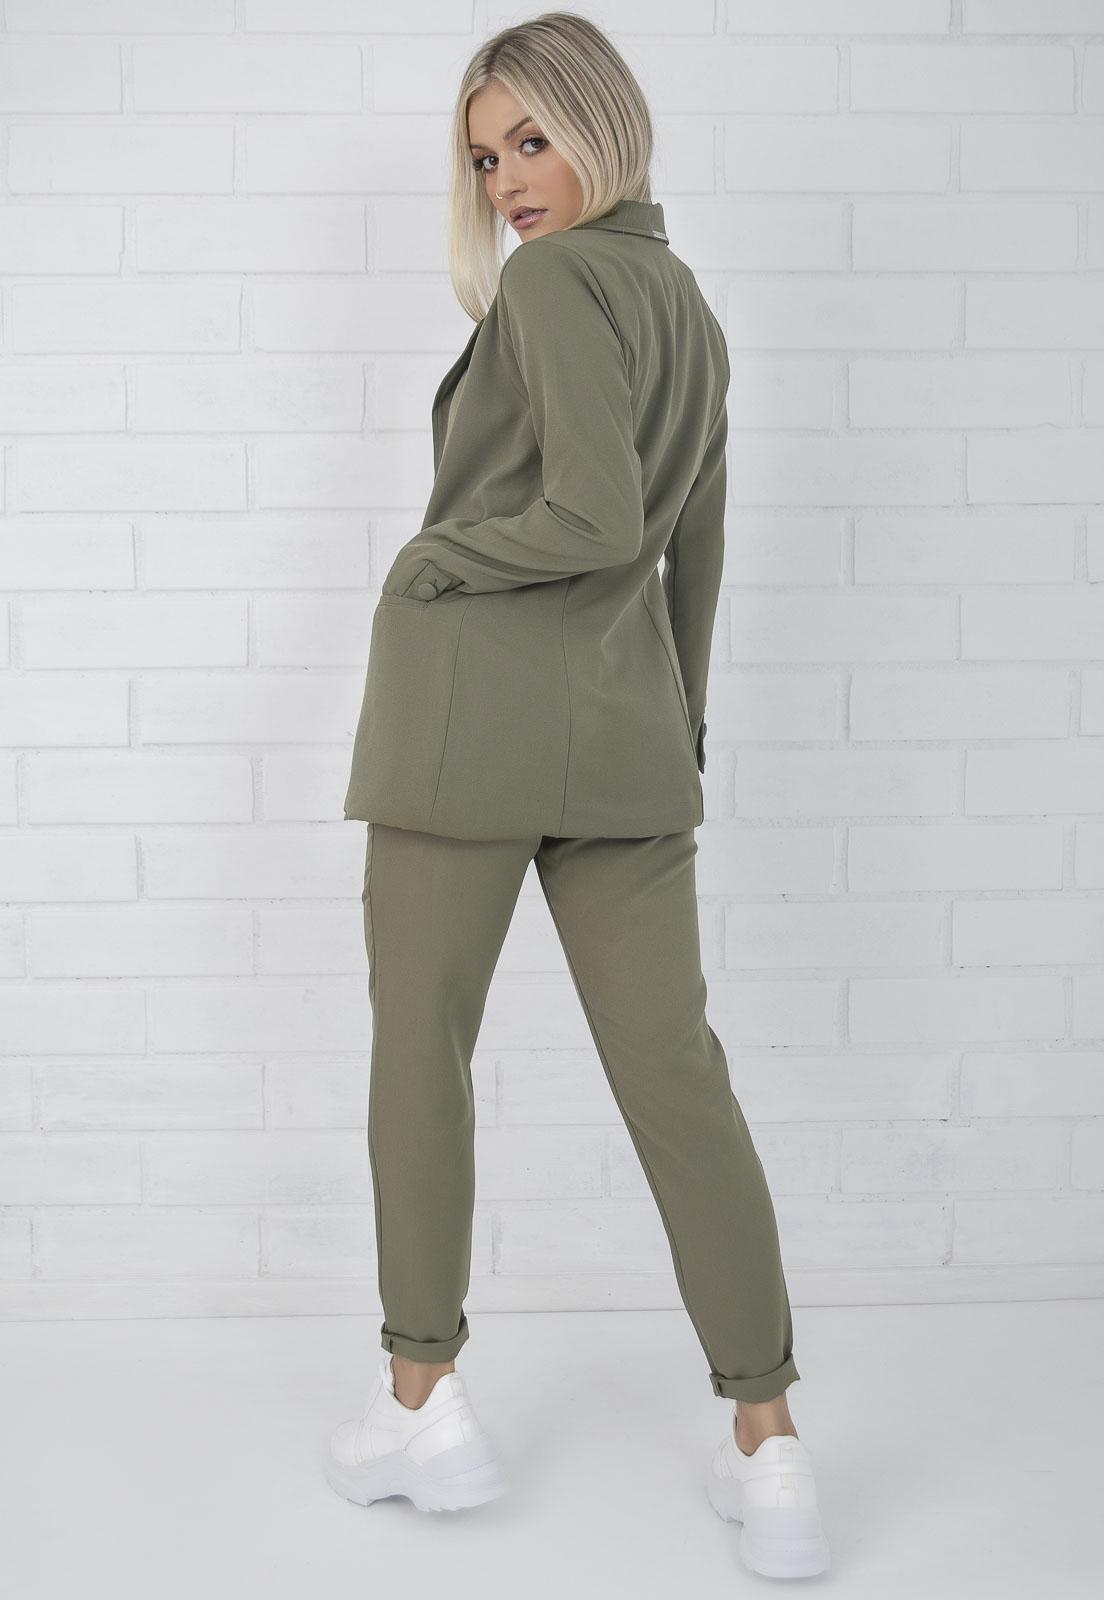 Calça Alfaiataria de Tecido Com Cinto Verde Militar Olívia Pkd